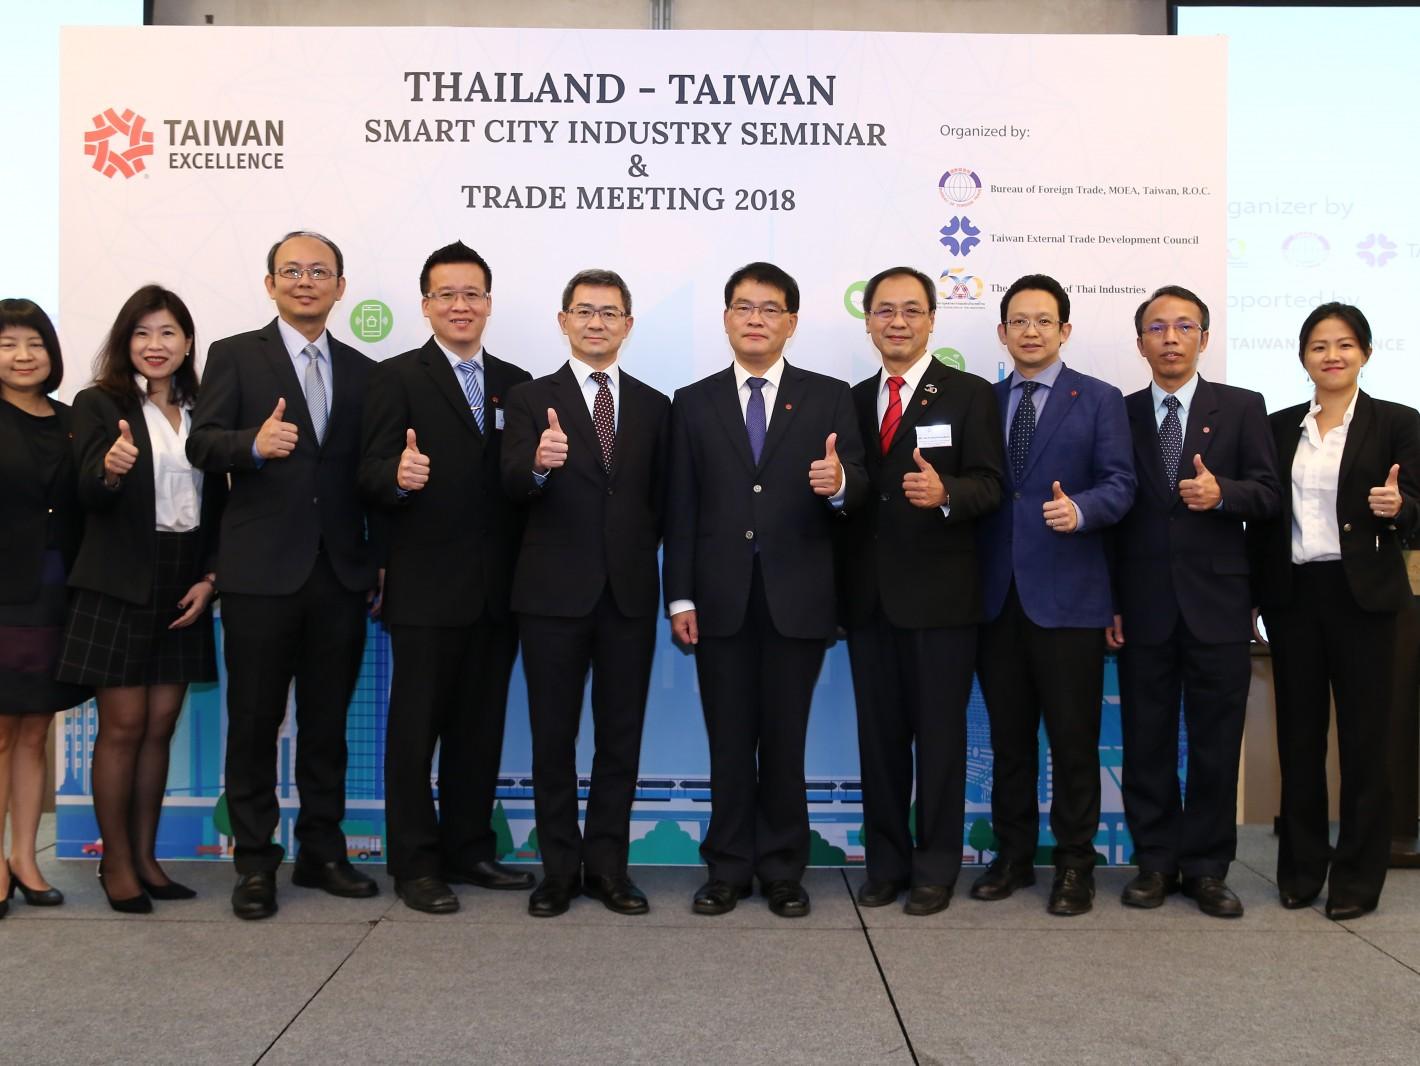 5家台灣精品廠商大同、研華、威盛電子、微星及新漢參該活動,與泰國工業院、數位經濟推廣局及駐泰國台北經濟文化辦事處、及外貿協會代表合影